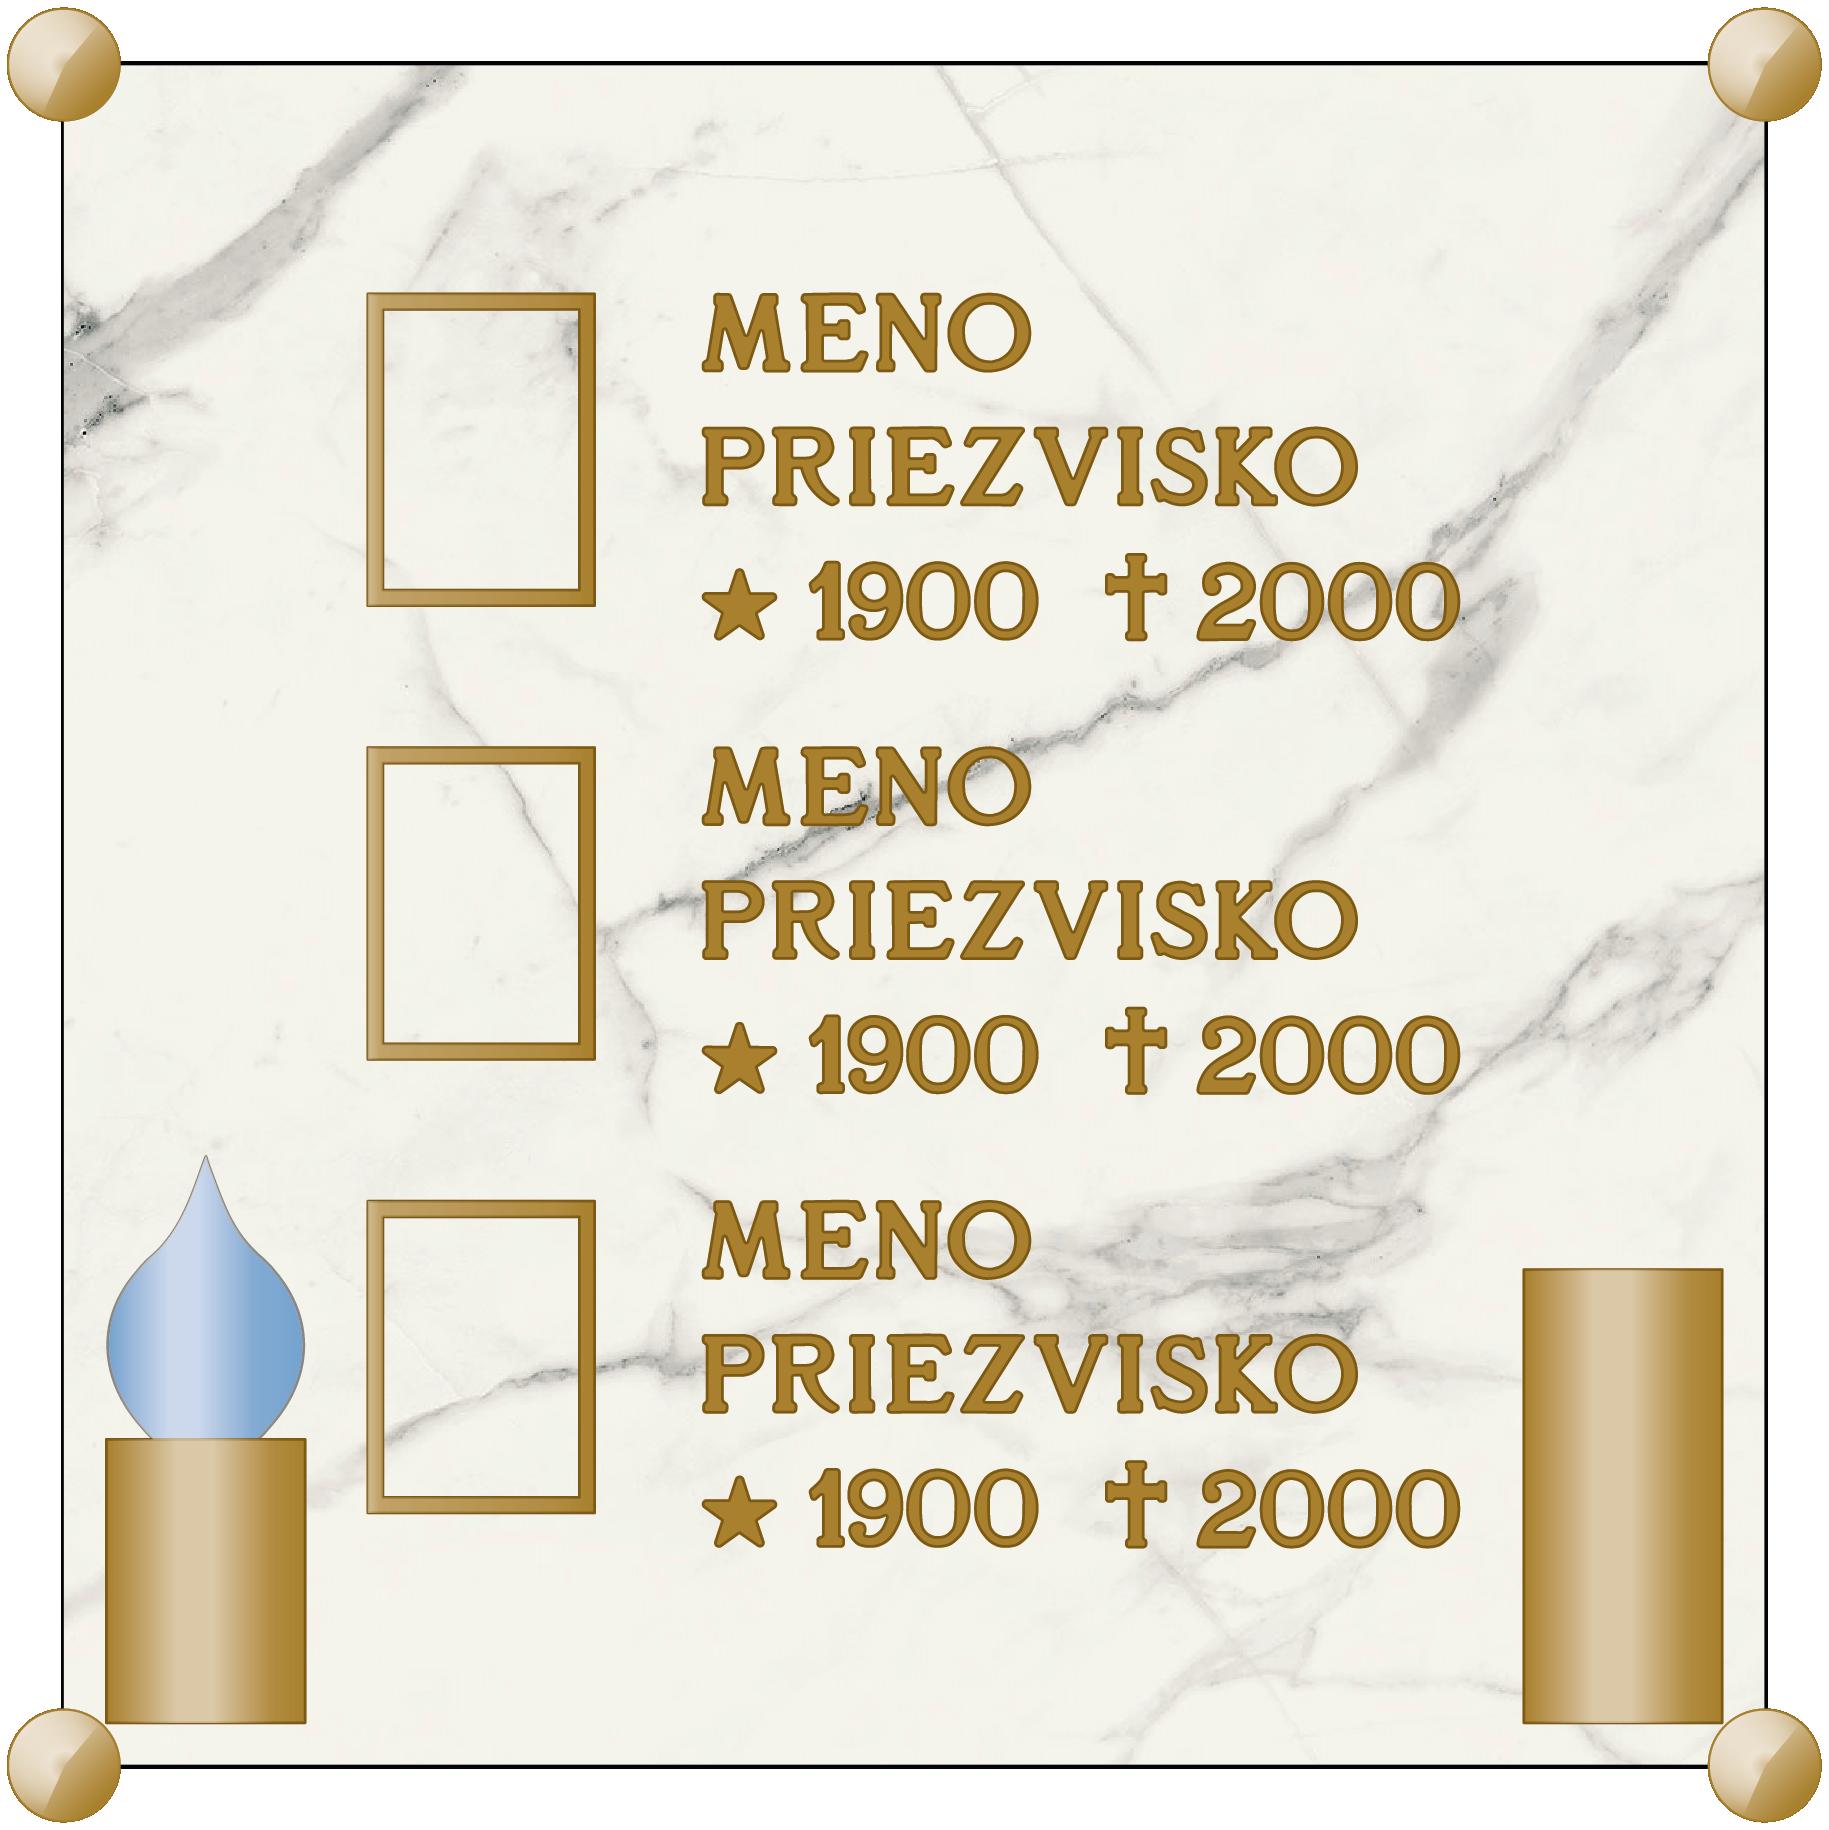 ROMANO_60x60_60x60_2a